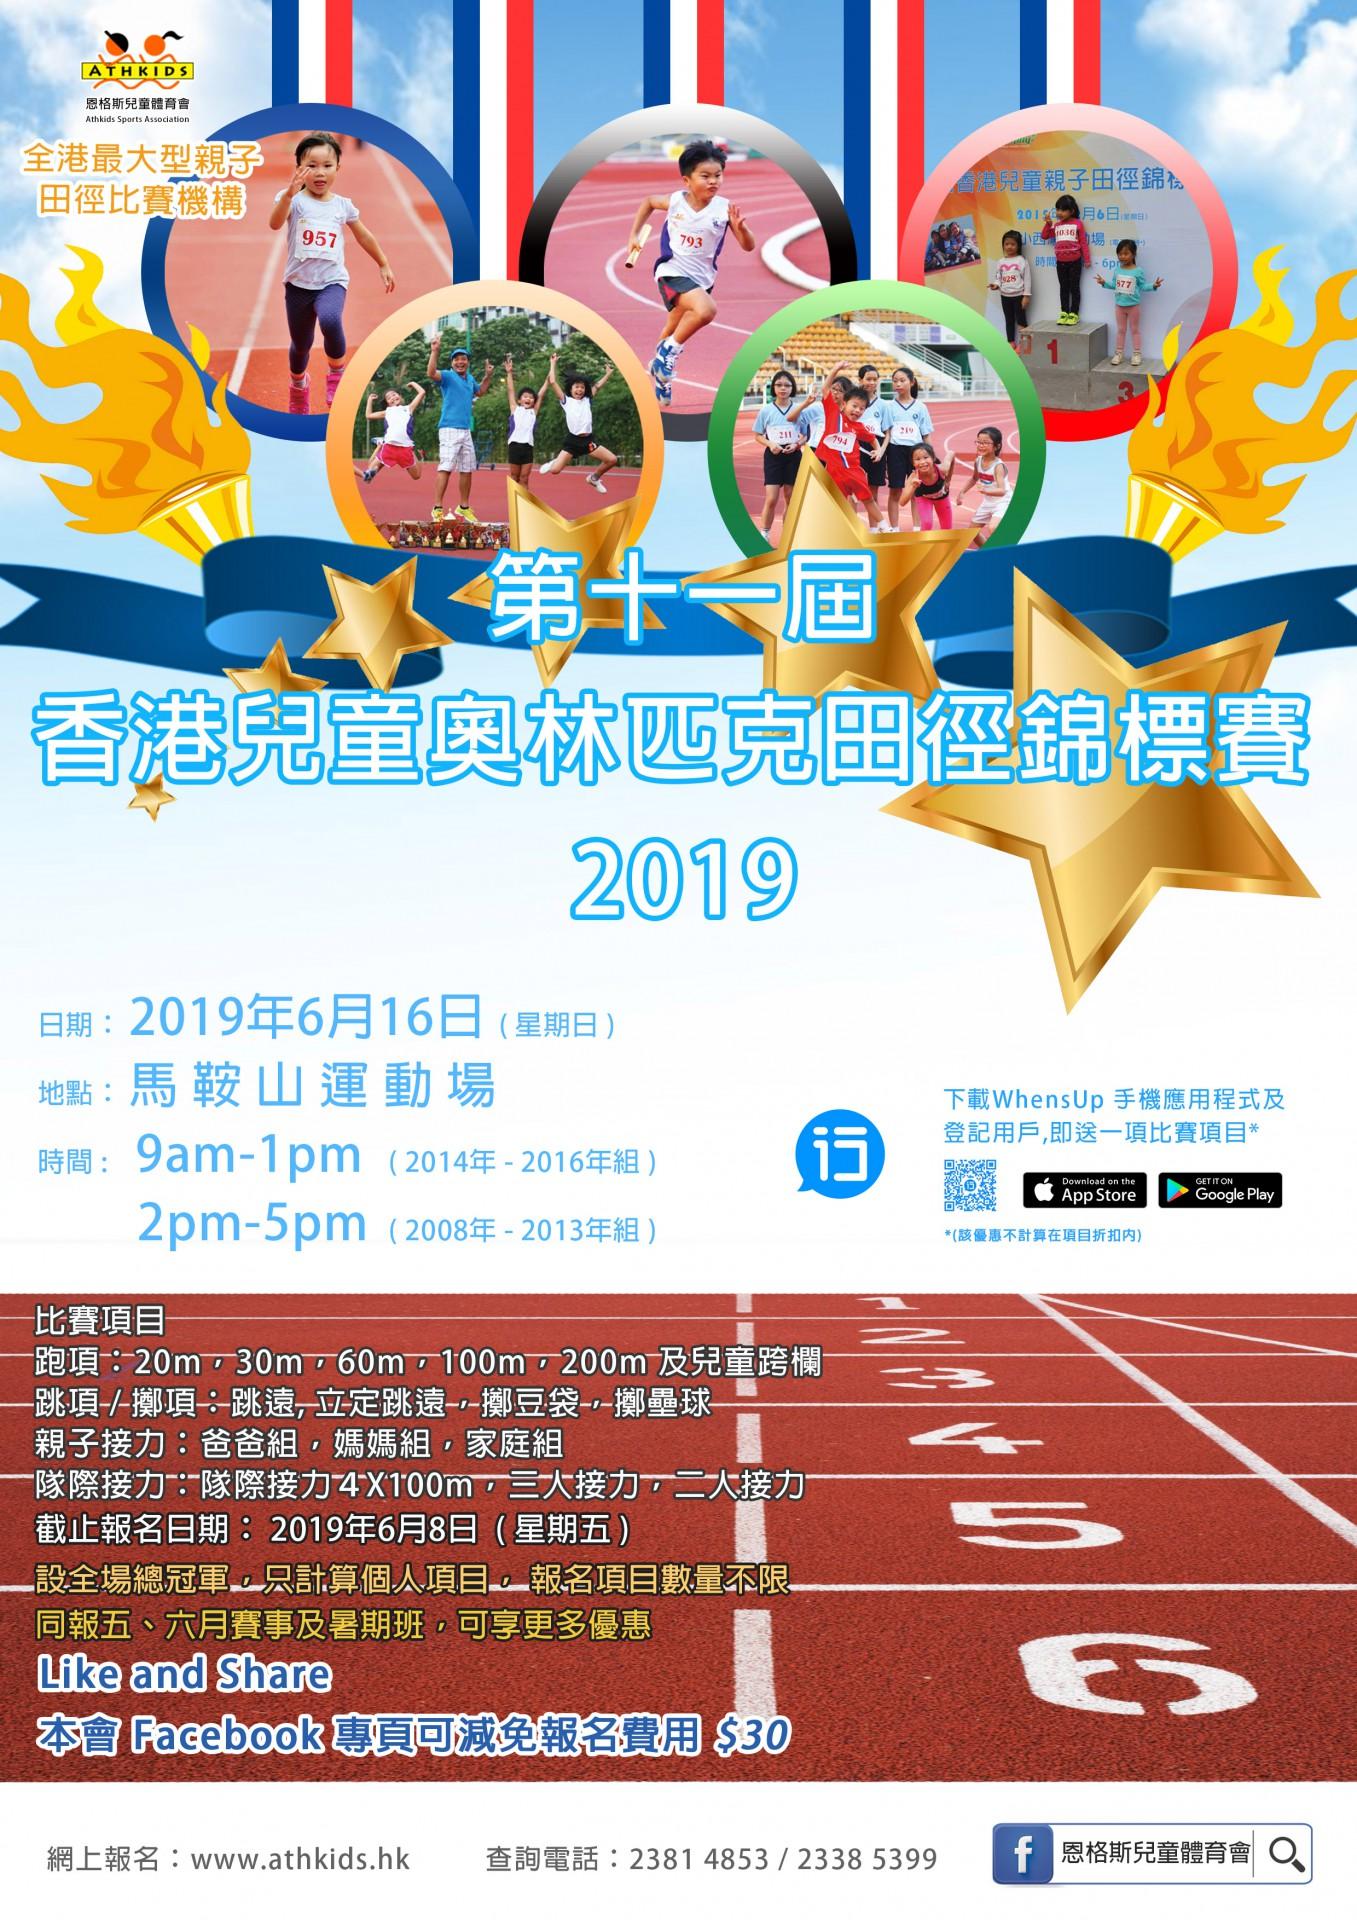 第十一屆香港兒童奧林匹克田徑錦標賽2019